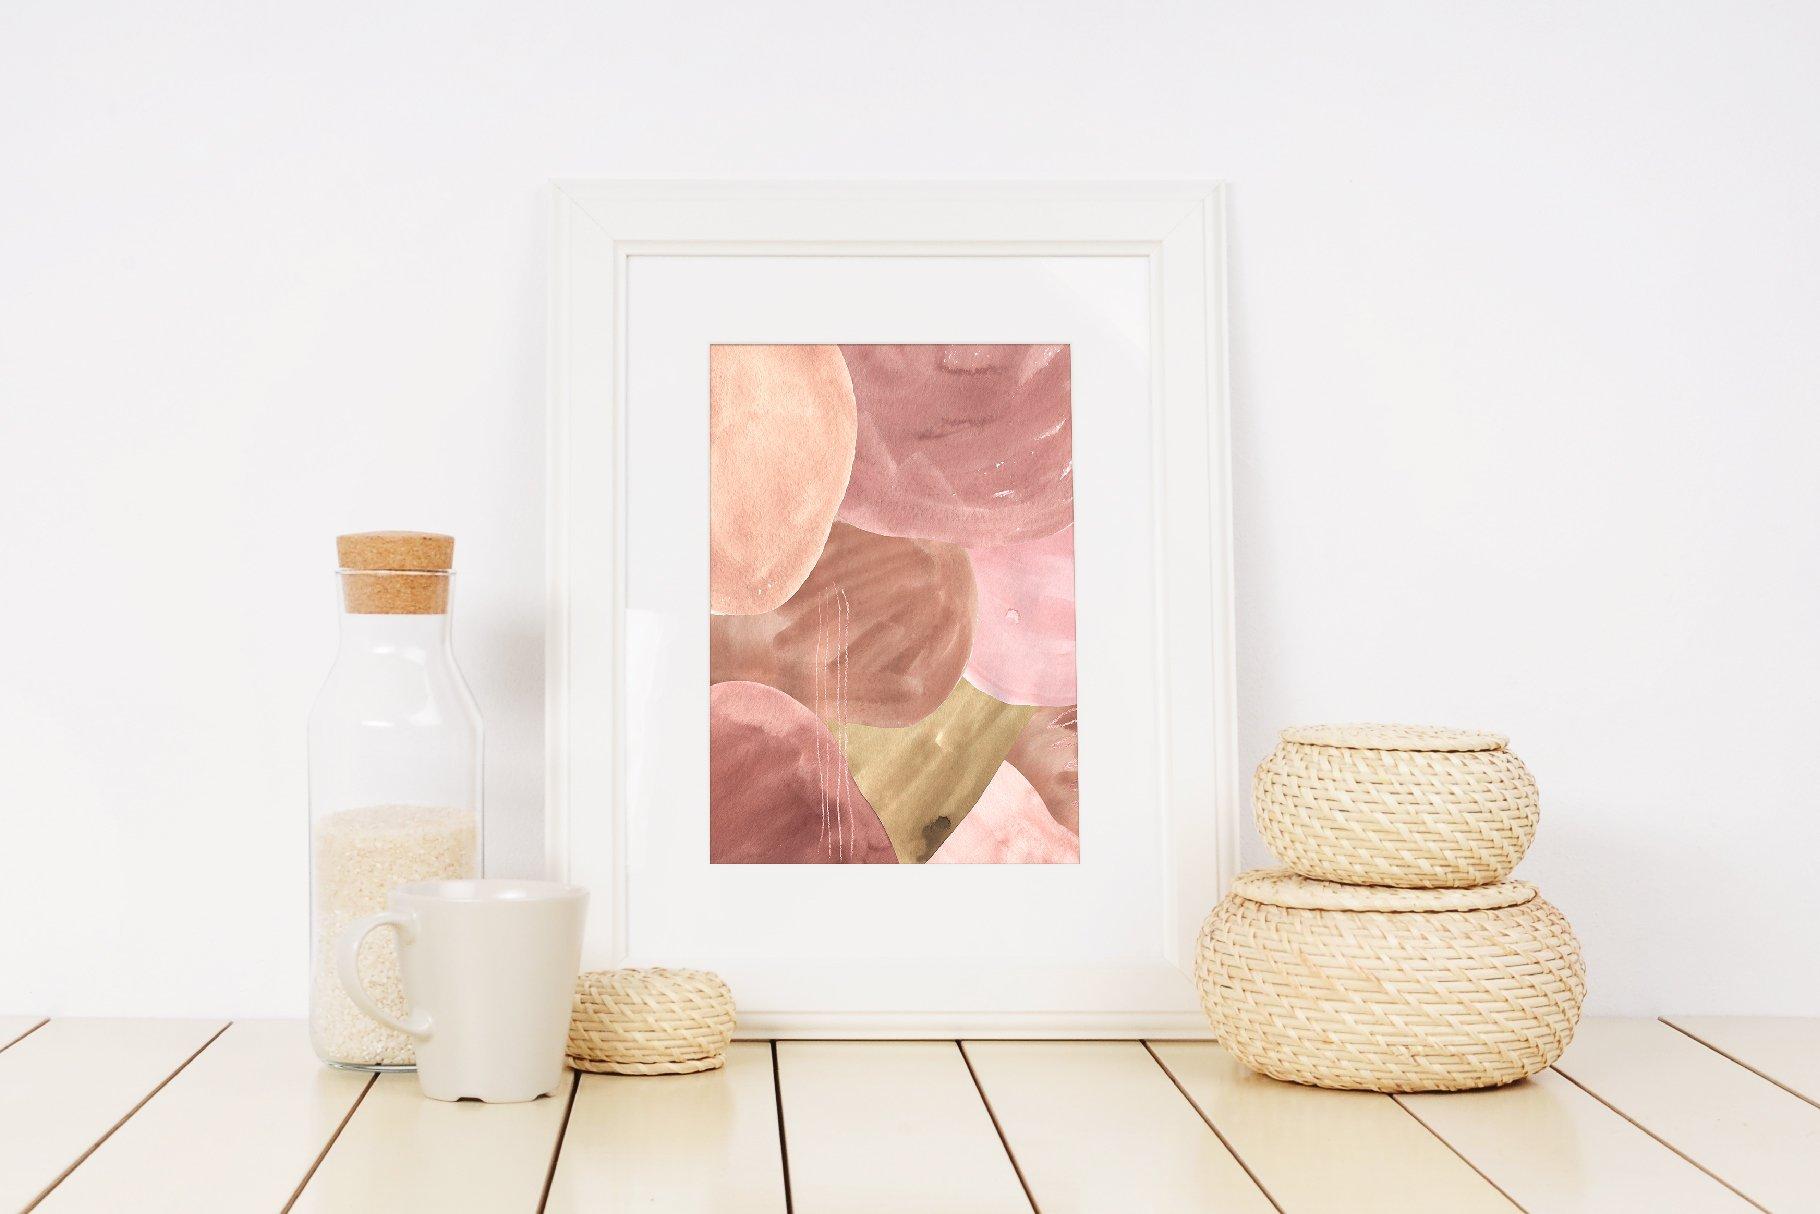 现代抽象水彩手绘植物花卉图案插画PNG免扣图片素材 Abstract Modern Watercolor Bundle插图(11)